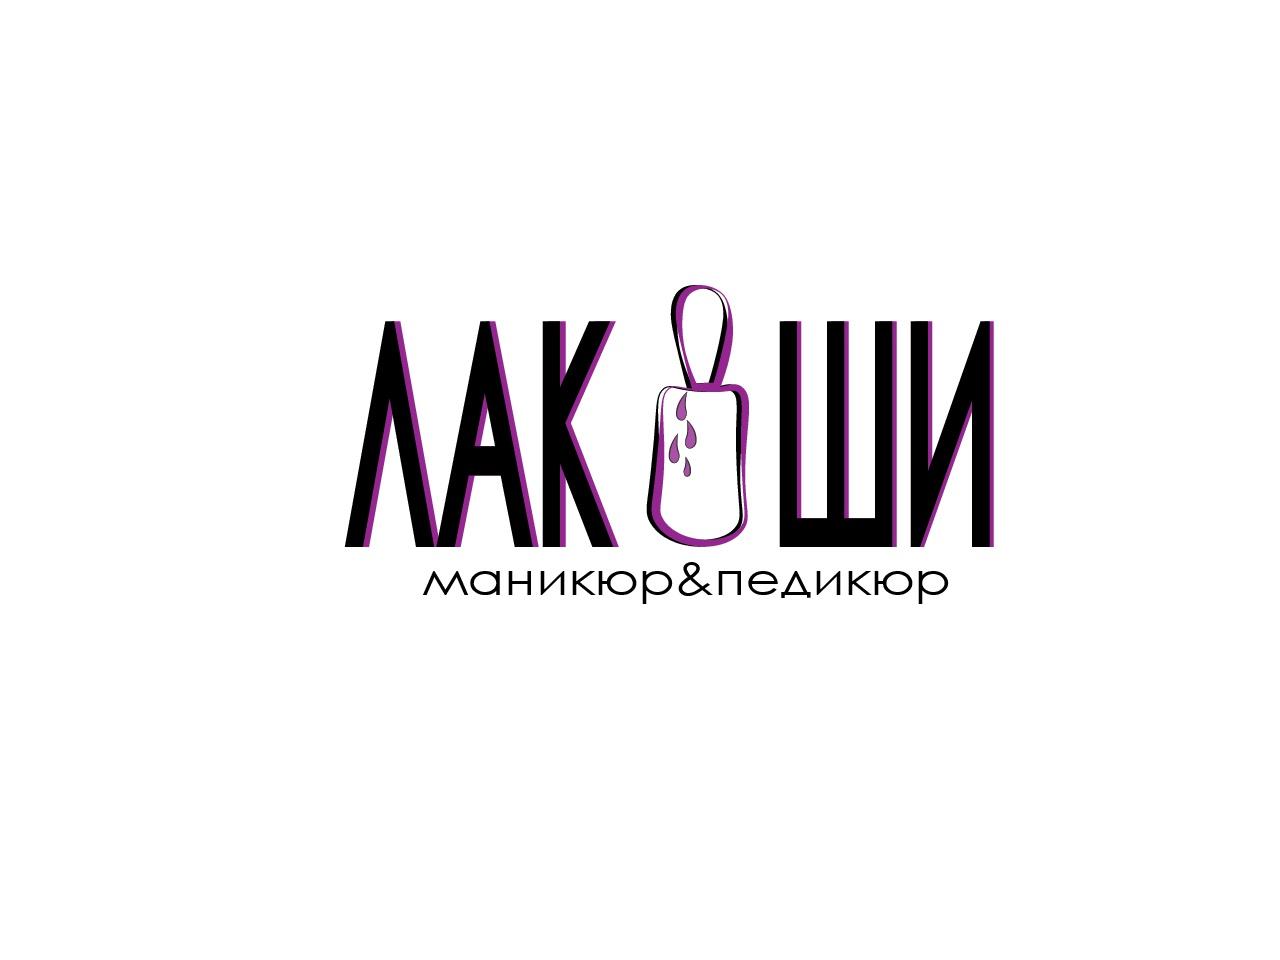 Разработка логотипа фирменного стиля фото f_4585c58280fa0bf2.jpg